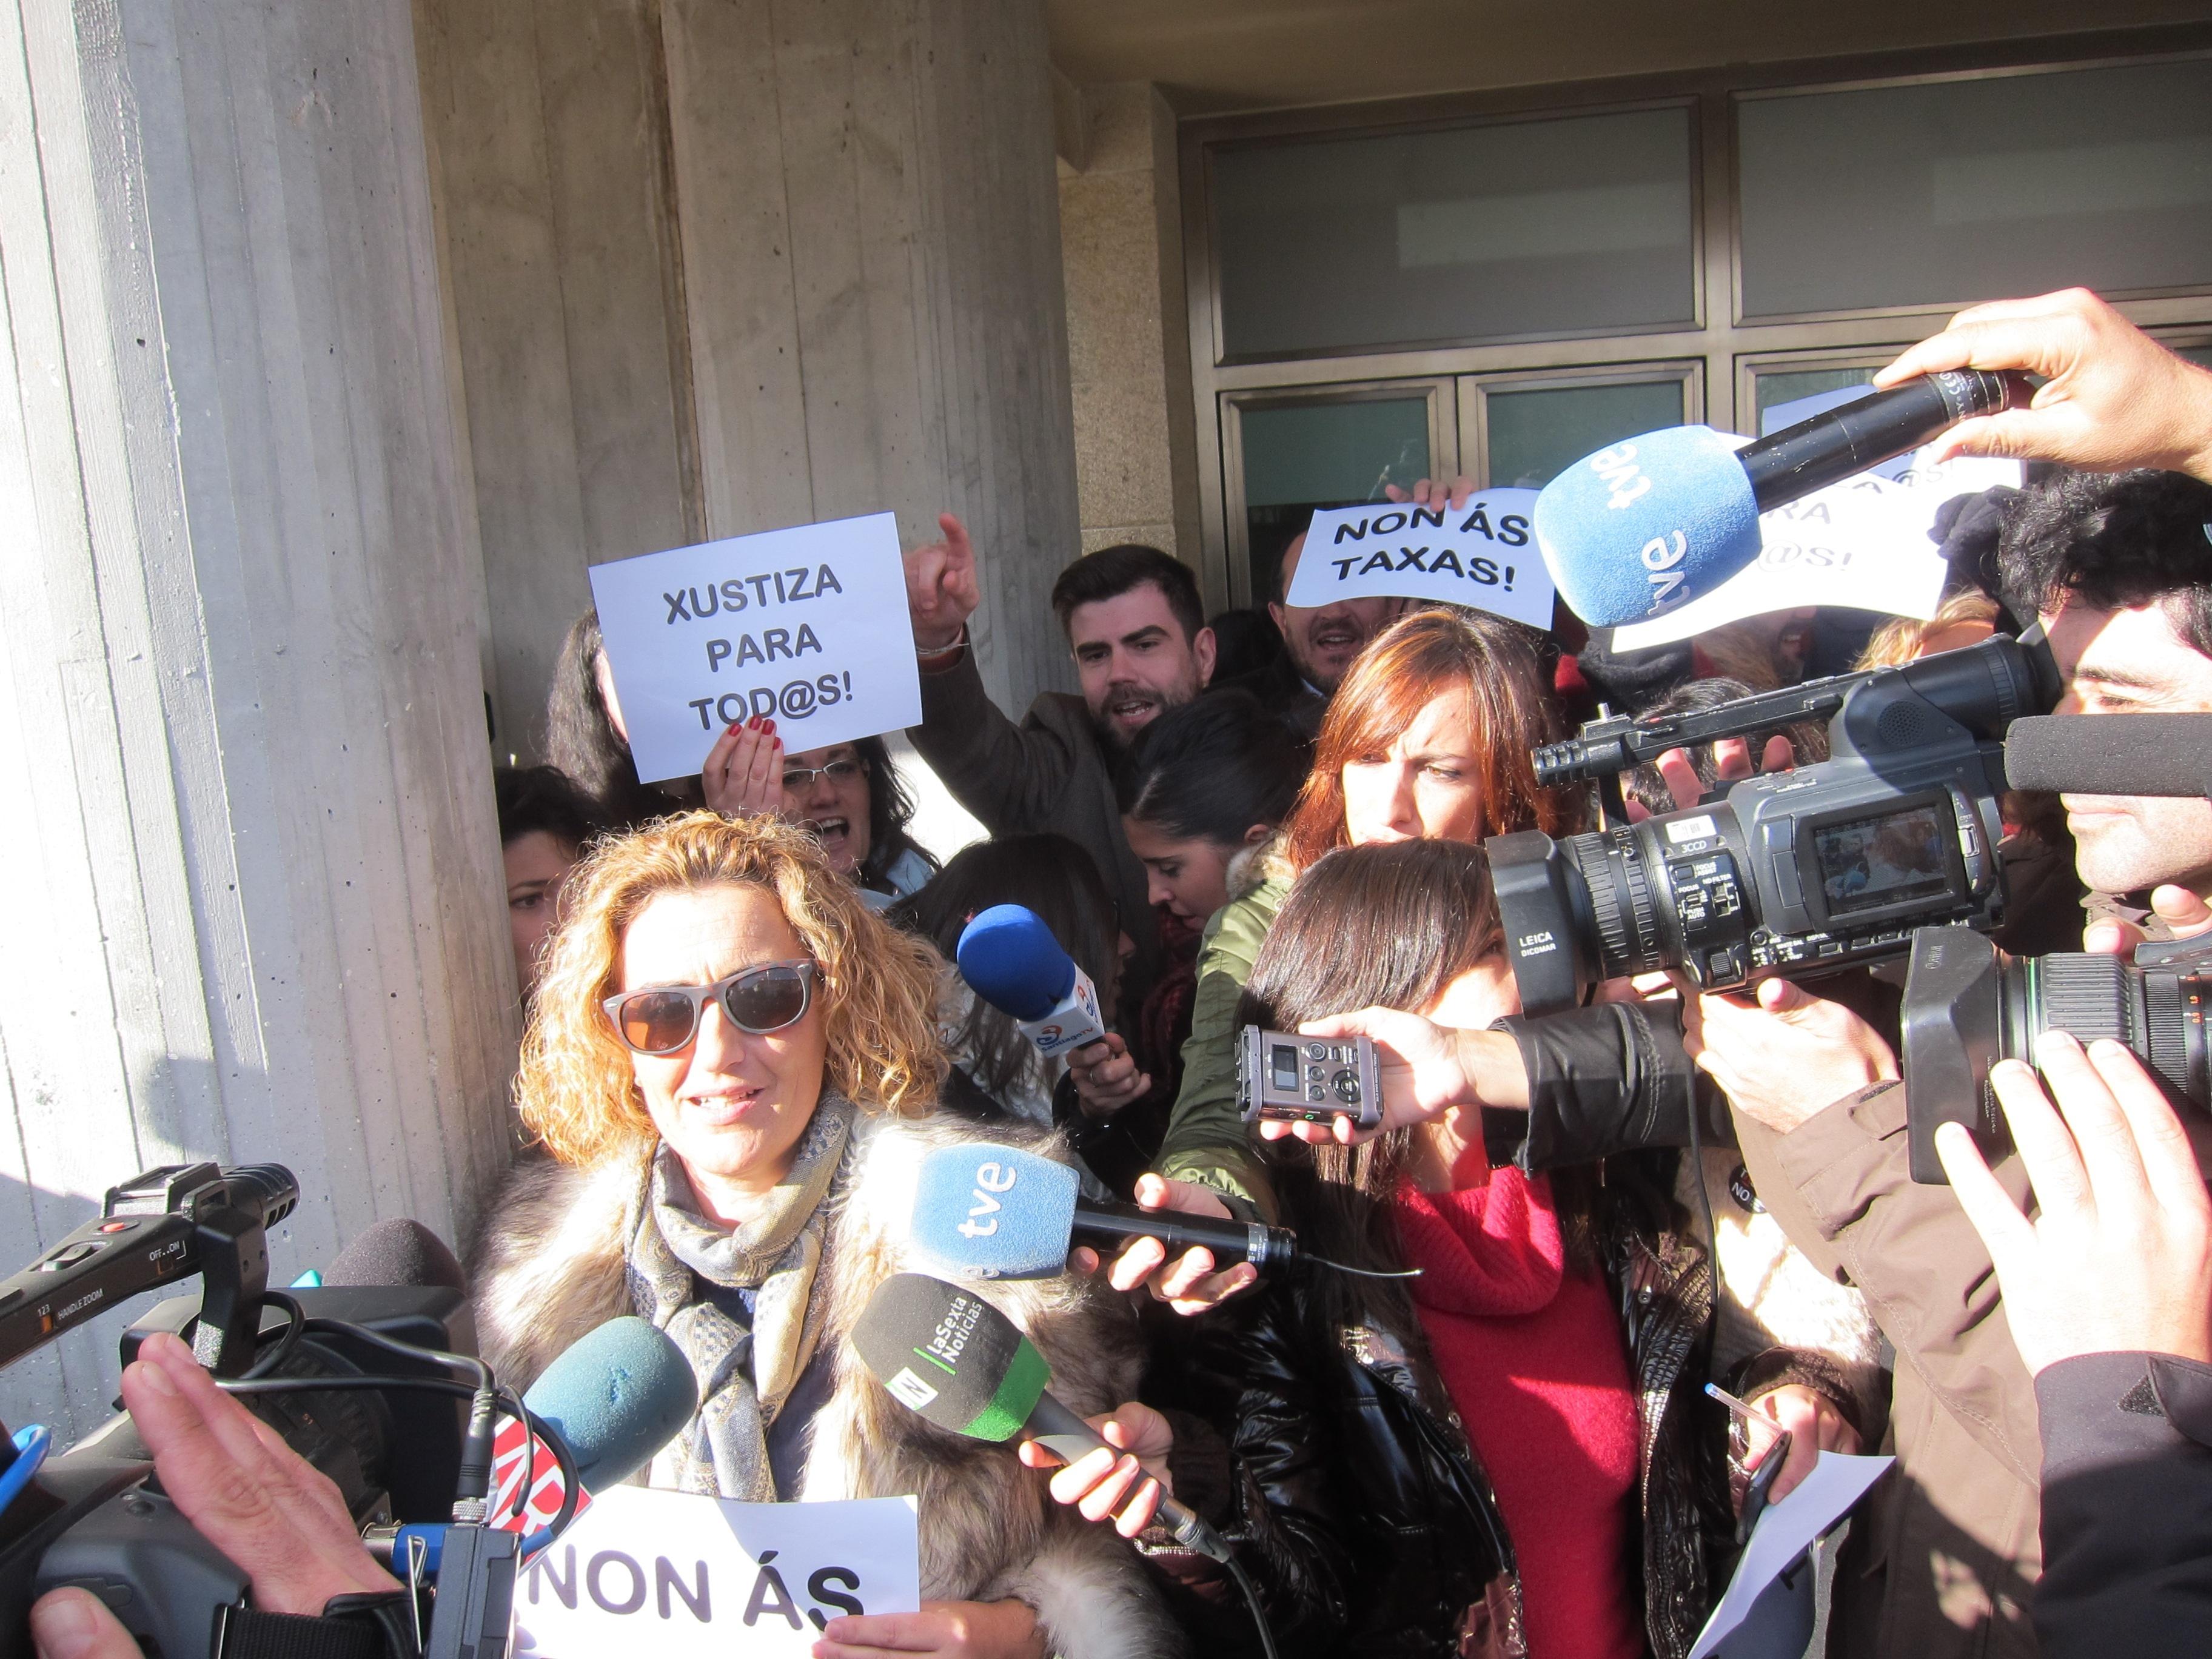 La abogada del padre de Asunta protagoniza la concentración contra las tasas judiciales de Santiago de Compostela